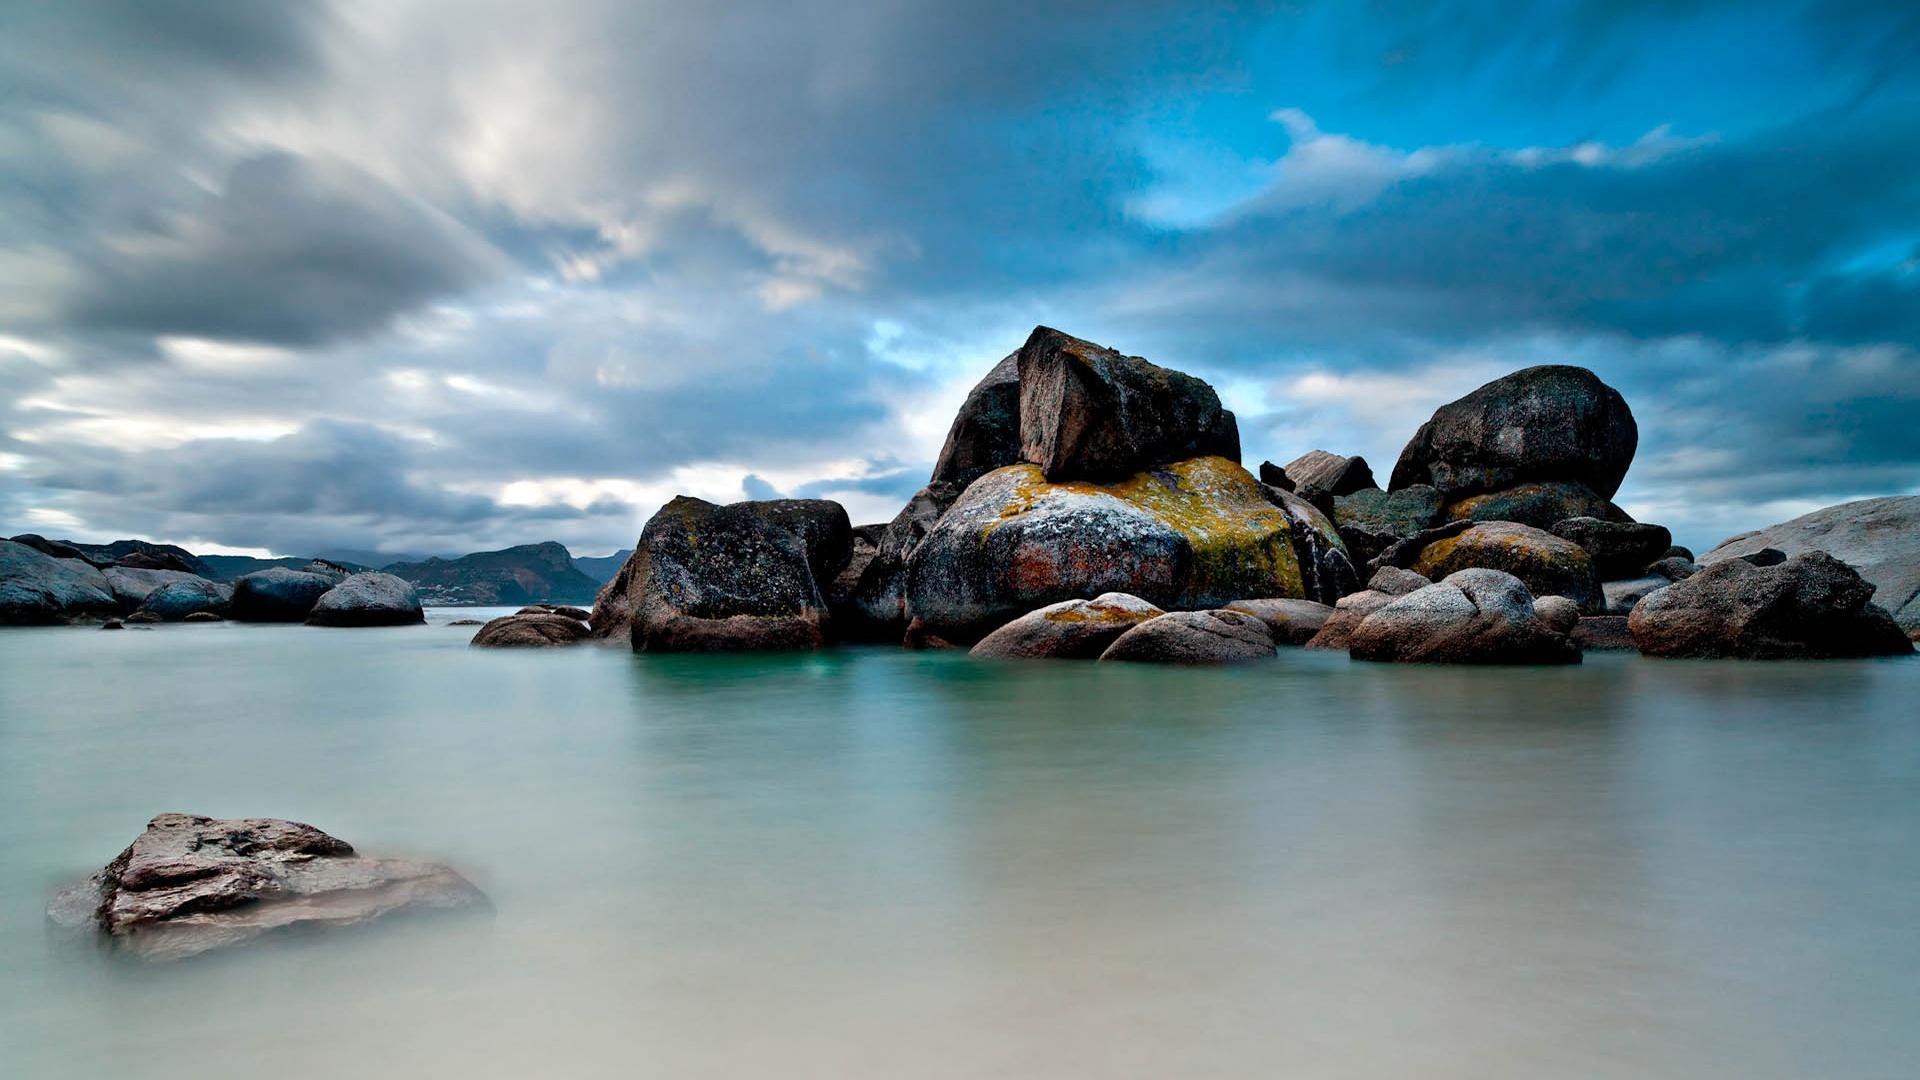 Fondos De Pantalla Rocas En El Mar, Cielo Azul 1920x1080